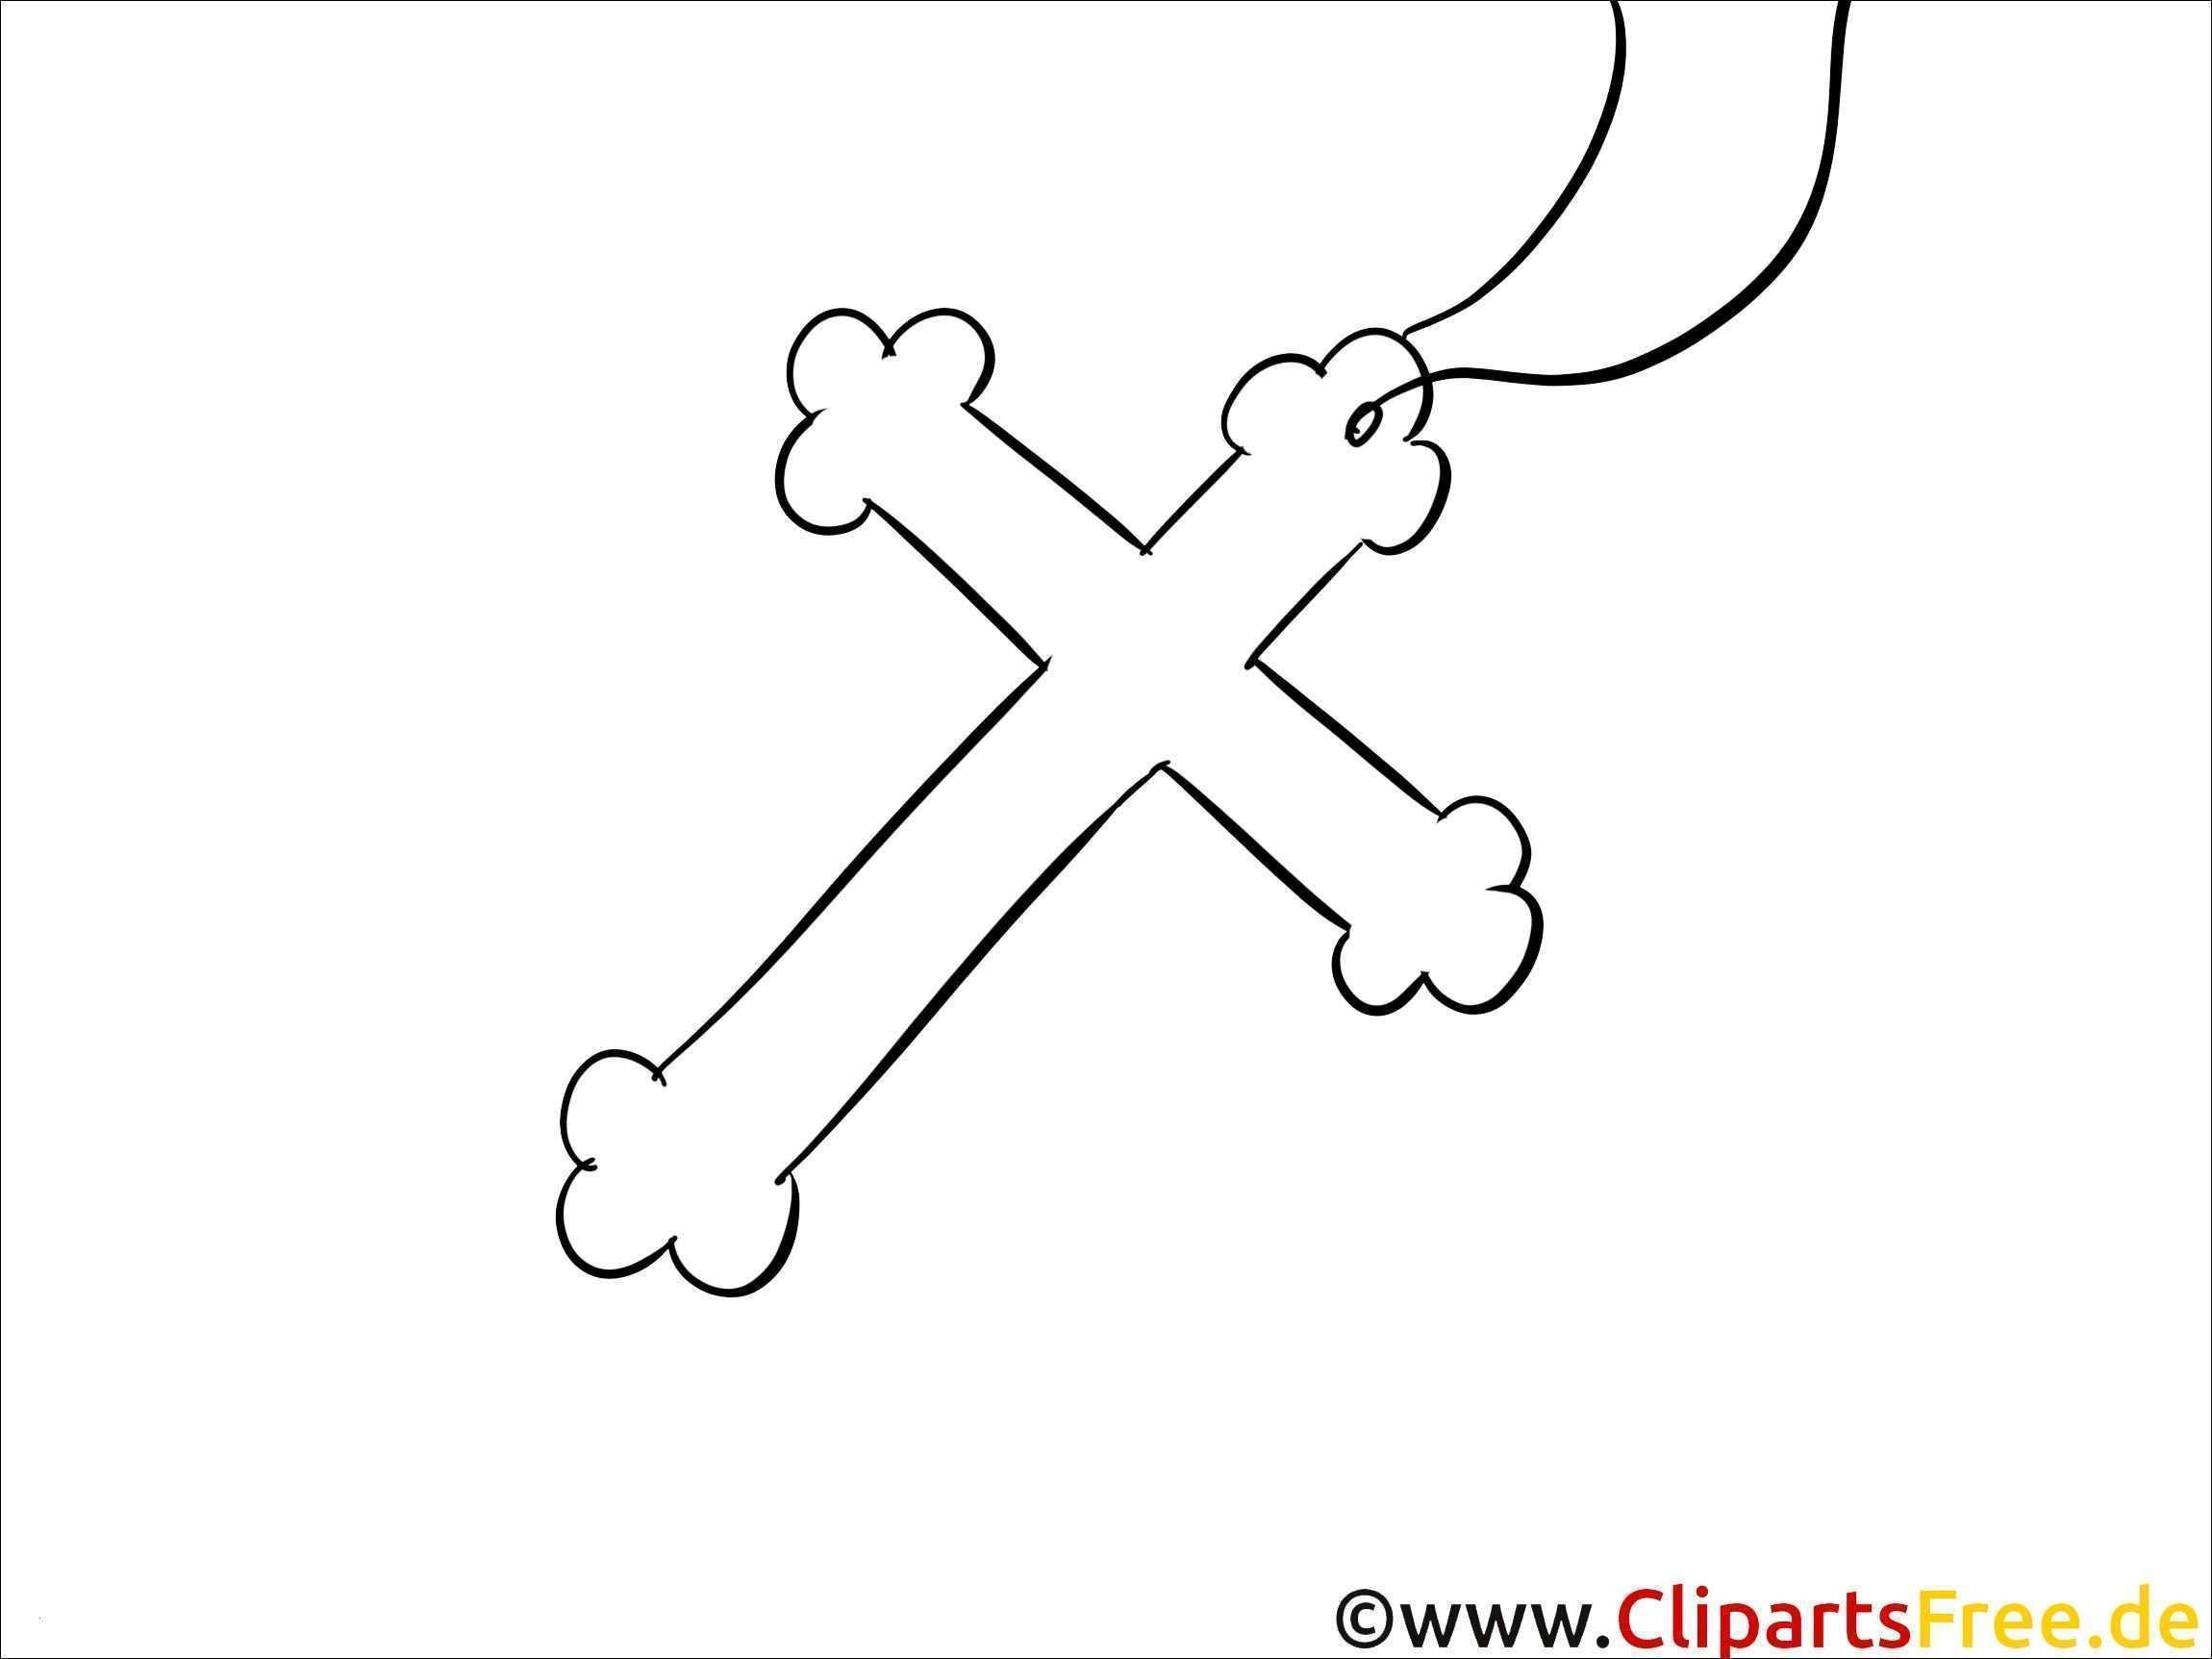 Kreuz Zum Ausmalen Genial Ausmalbilder Jungs Kostenlos Bildnis 40 Malvorlagen Kreuz Bilder